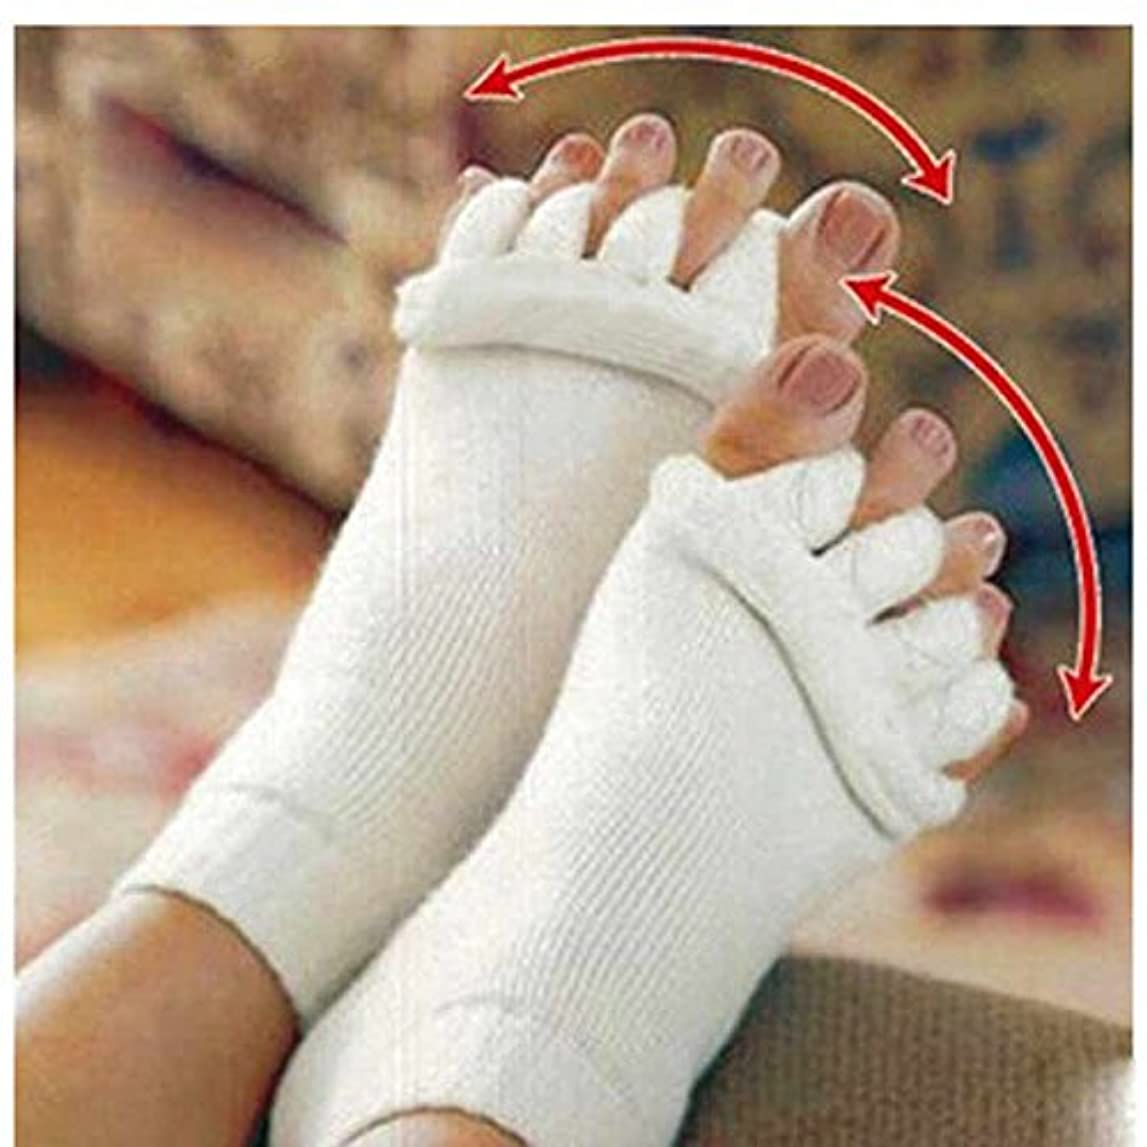 グローエチケットLorny(TM) 2個マッサージファイブつま先ソックス指セパレーター骨の親指女性ソックスのためにコレクターの痛みを軽減するソックスペディキュア足セパレーターについて